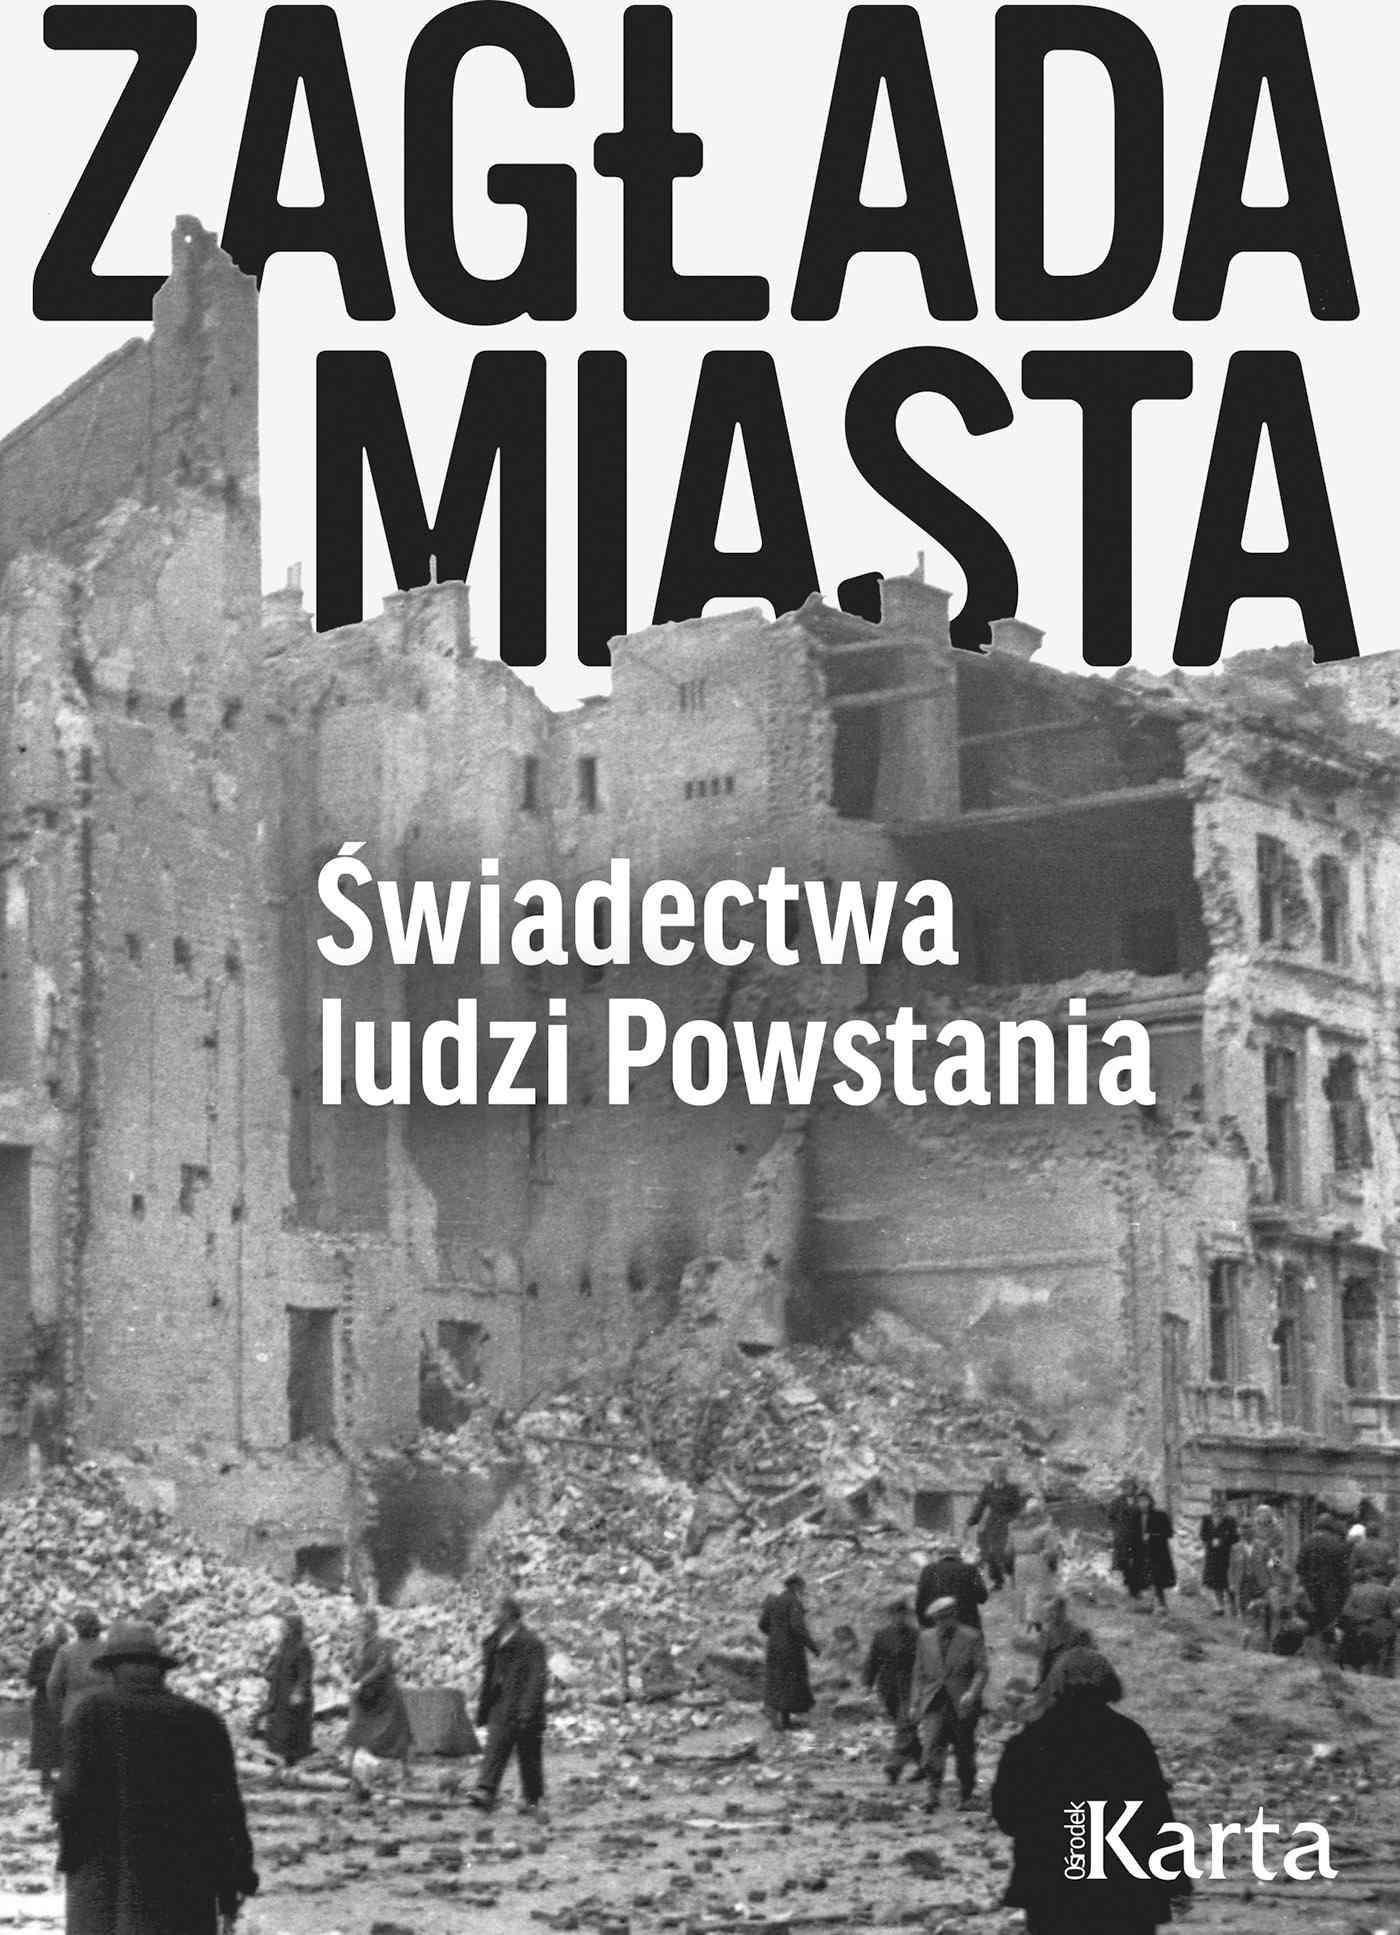 Zagłada miasta. Świadectwa ludzi Powstania - Ebook (Książka EPUB) do pobrania w formacie EPUB